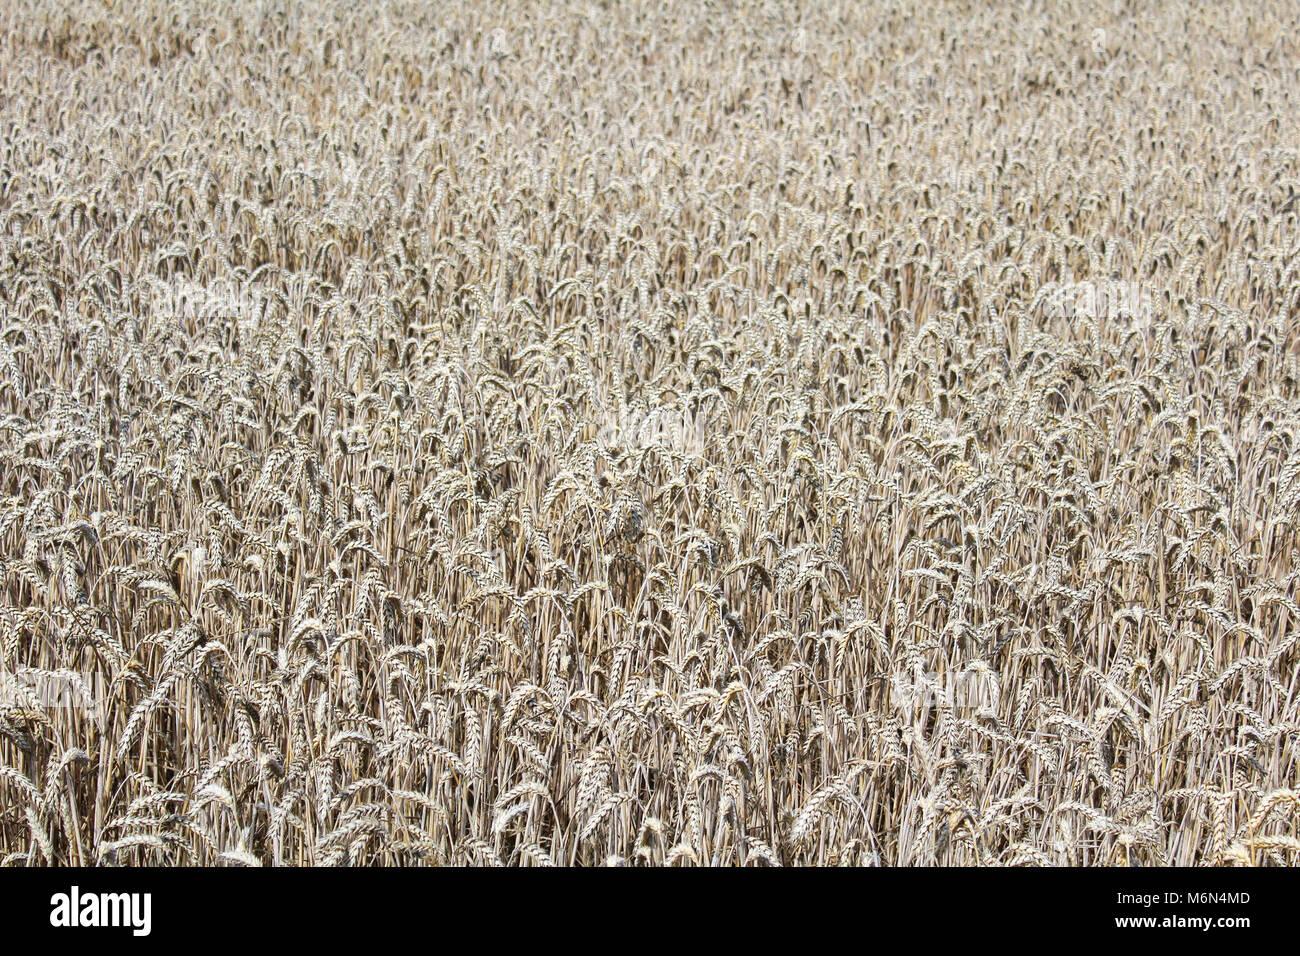 Champ de blé dans la texture des couleurs ocre, de l'agriculture Banque D'Images